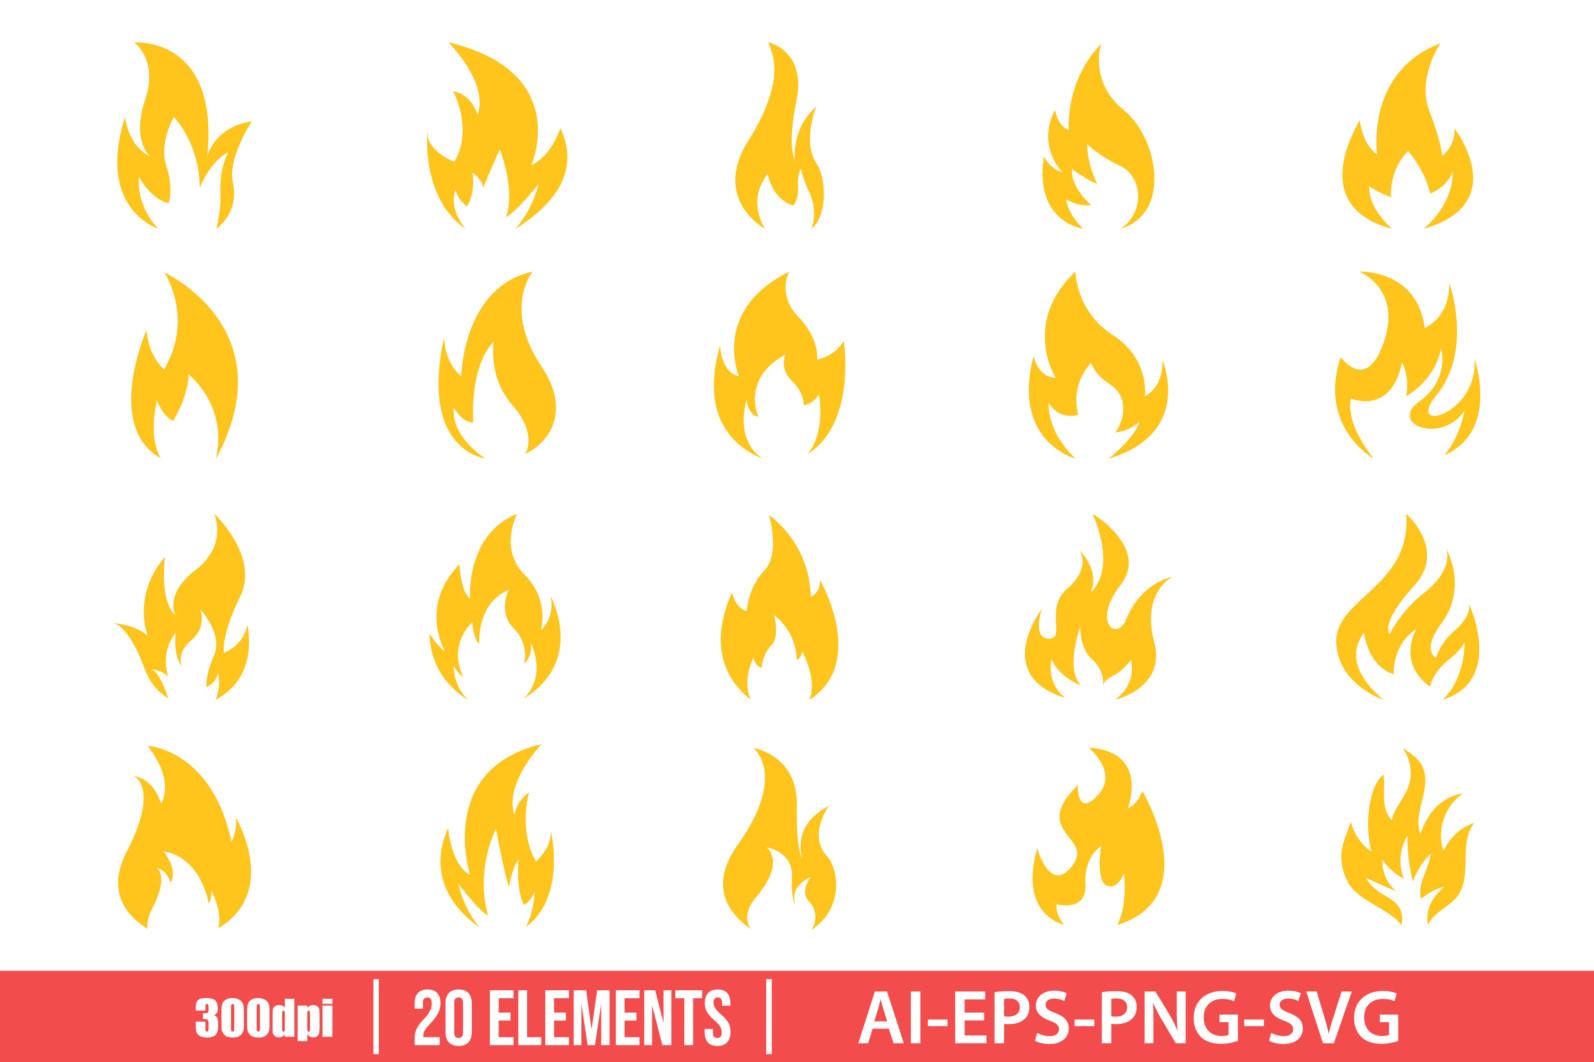 Fire icon clipart vector design illustration. Fire icon set. Vector Clipart Print - FIRE ICON scaled -